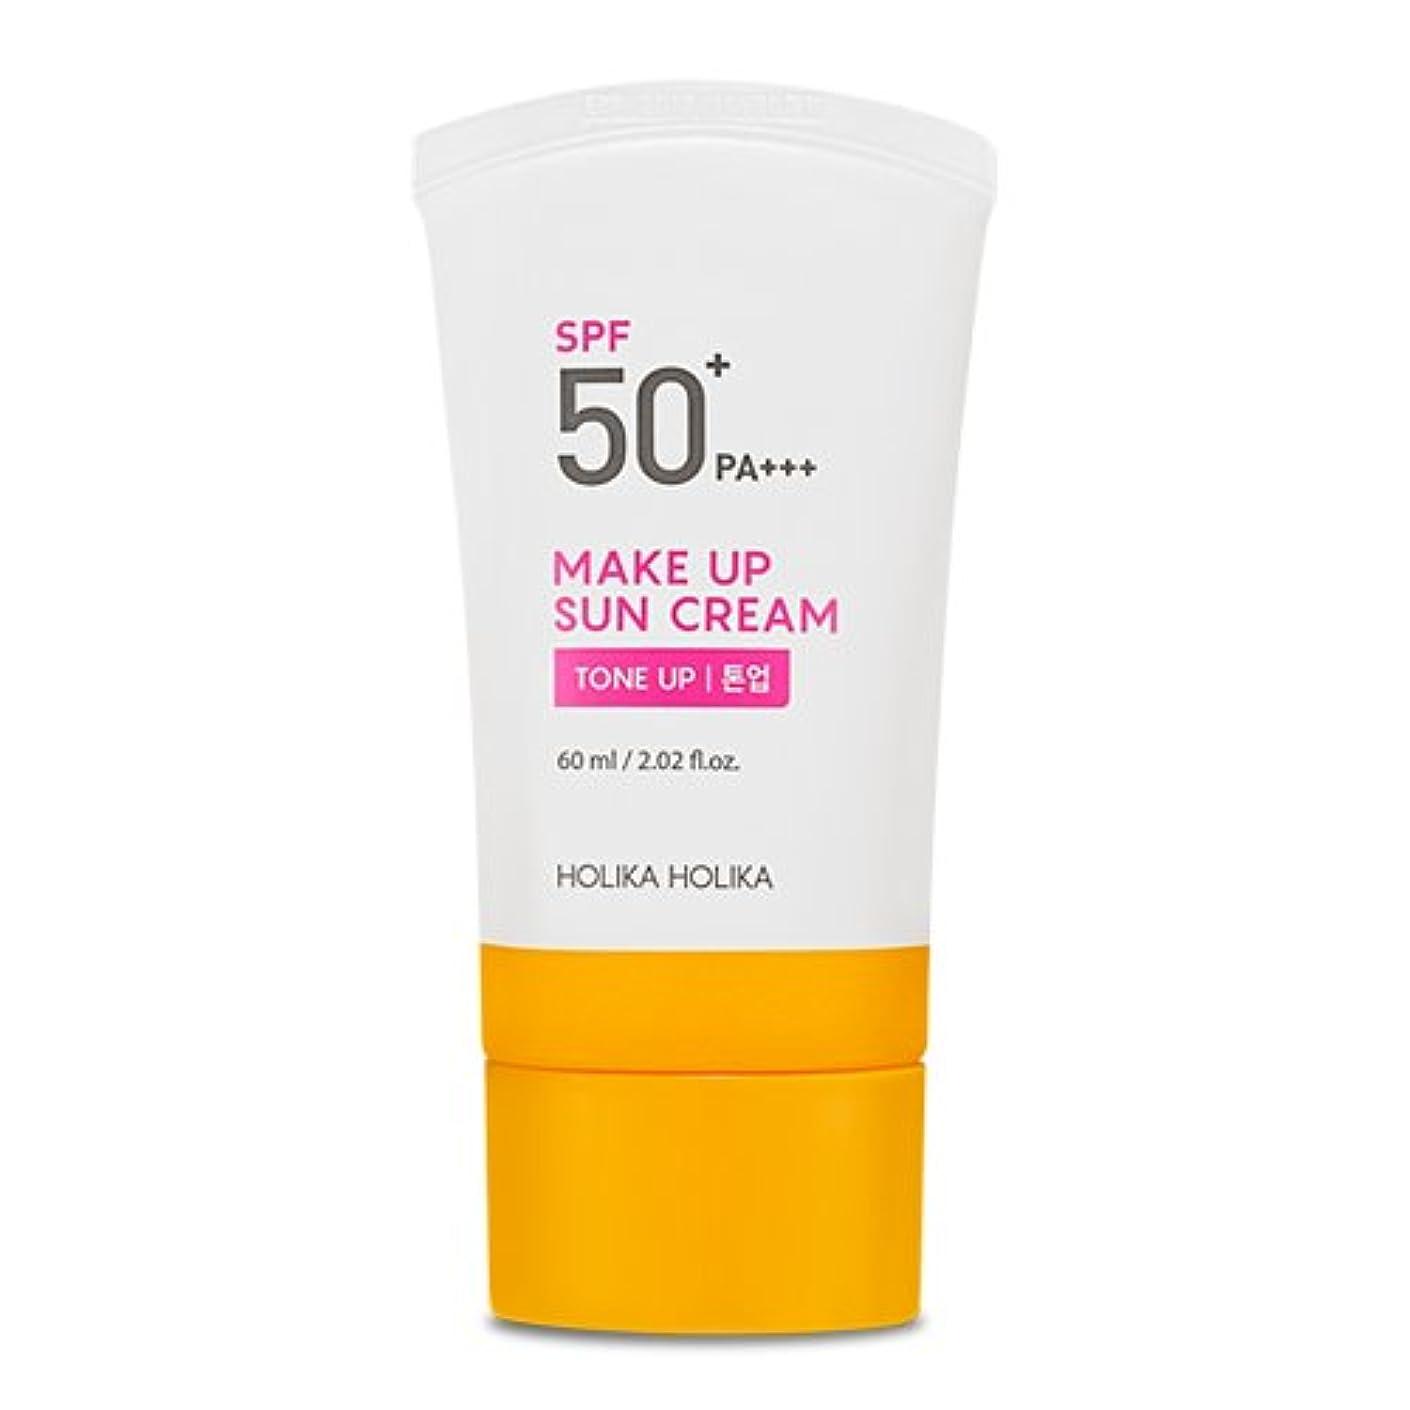 事業内容自伝爬虫類[2018]ホリカホリカ メイクアップ 日焼け止めクリーム/UVケア?Holika Holika Make Up Sun Cream SPF50+ PA+++ 60ml [並行輸入品]